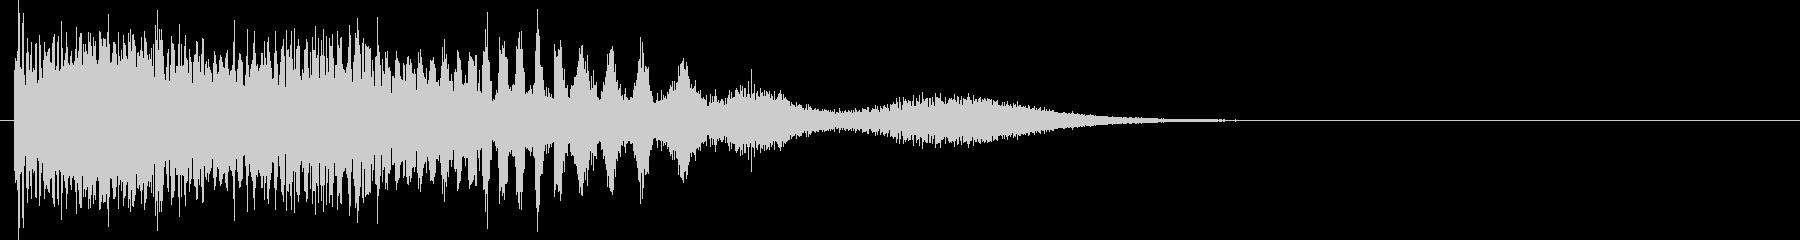 機械的な下降音の未再生の波形